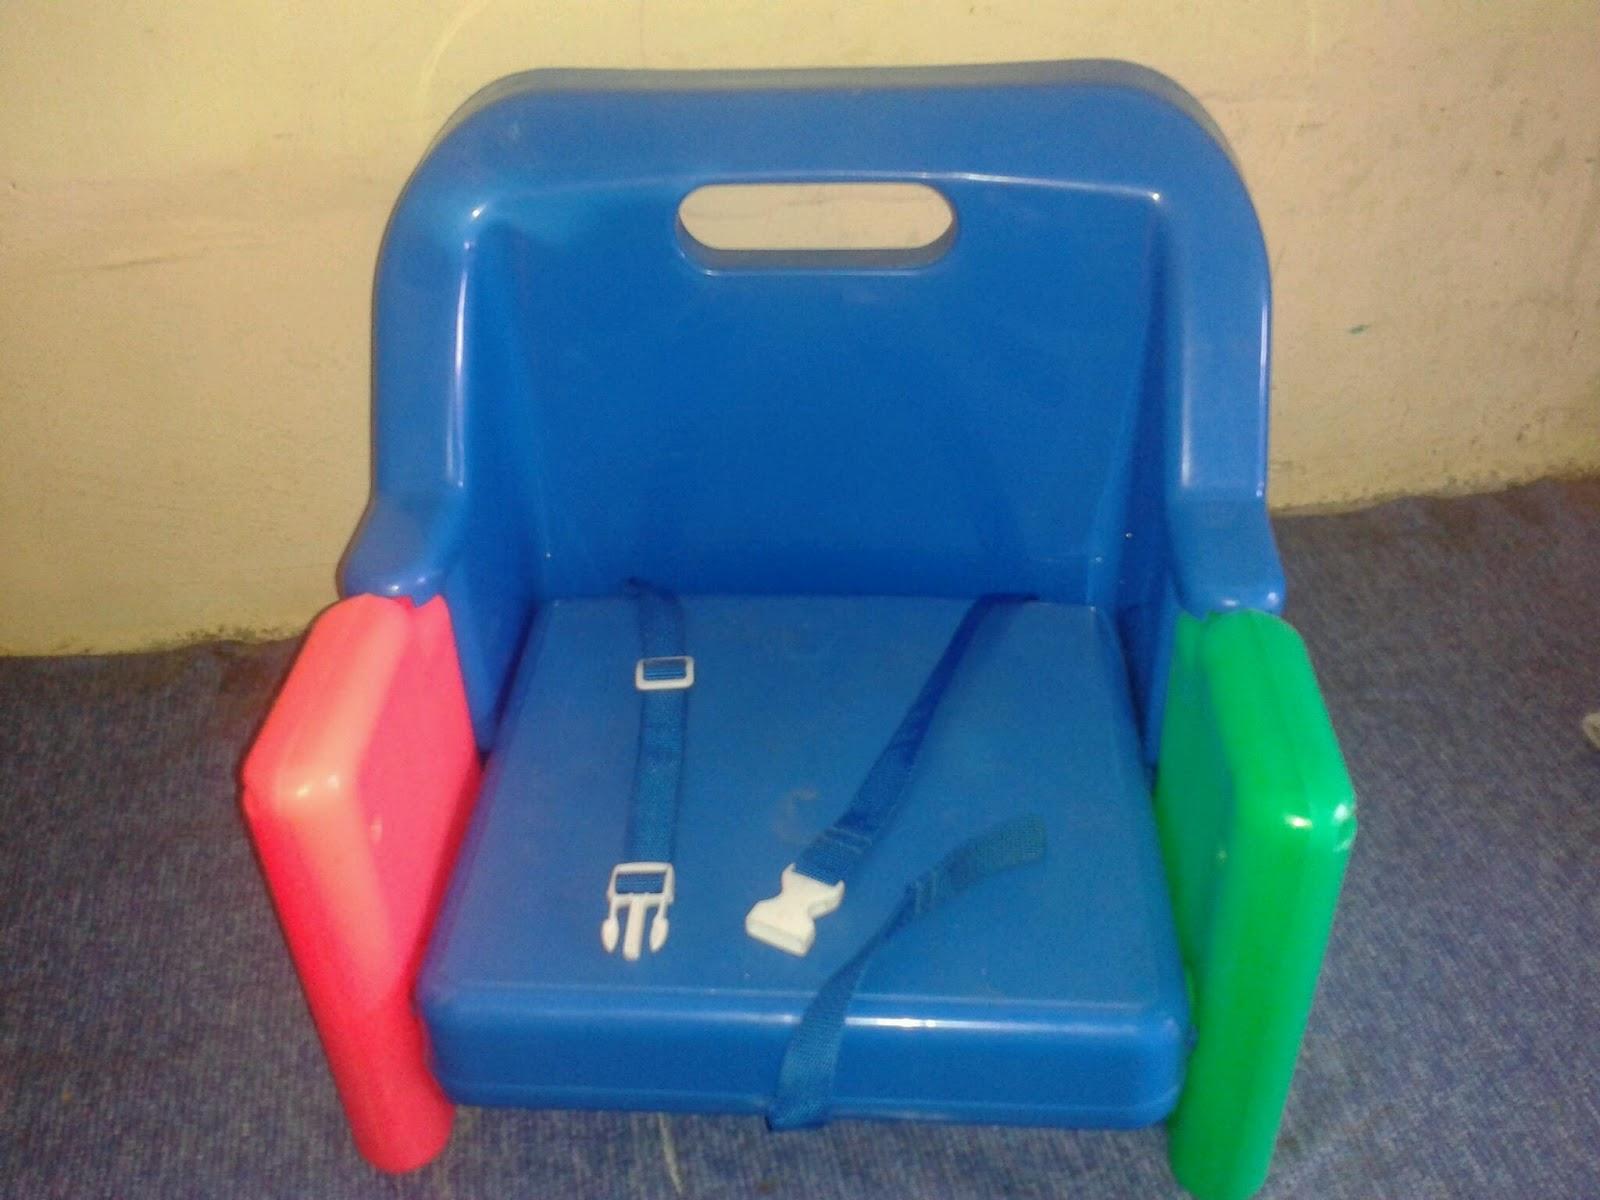 oldstreetshop Safety 1st Booster Seat : 2013 01 06252520122955 from oldstreetshop.blogspot.com size 1600 x 1200 jpeg 171kB